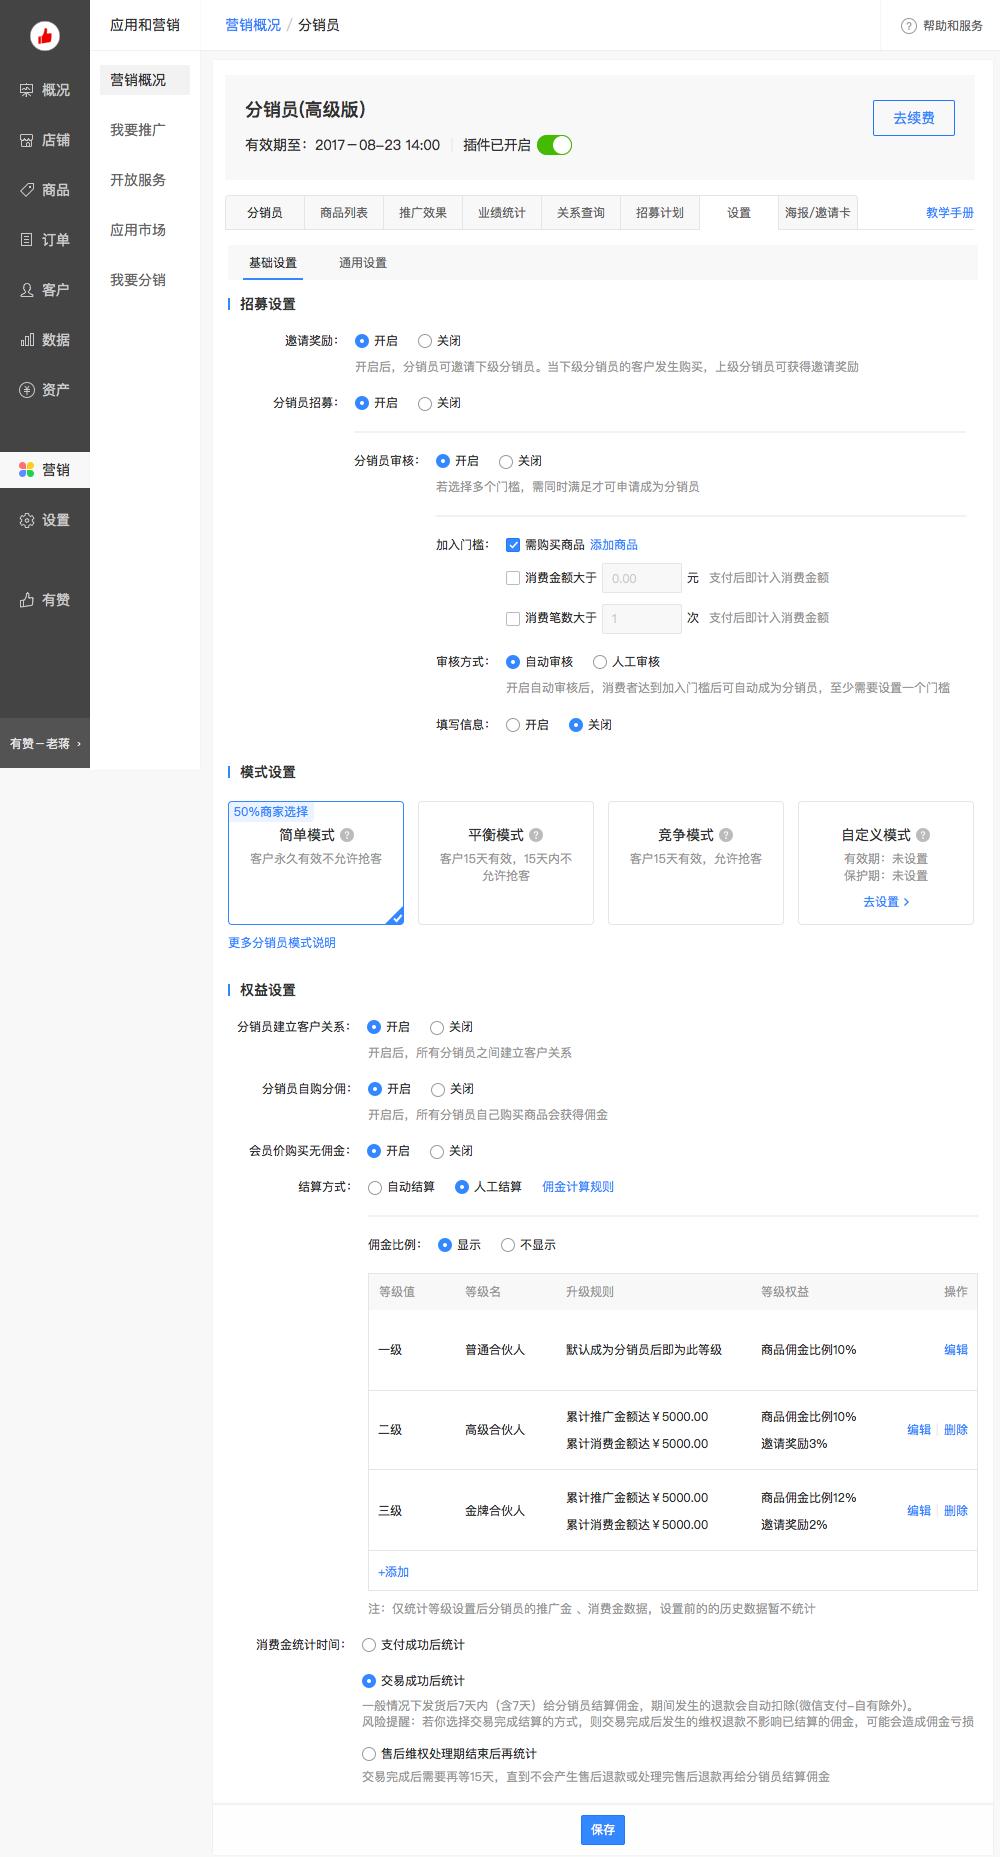 企业微信截图_ae415b4a-792d-43e9-b769-be09ba753bab.png